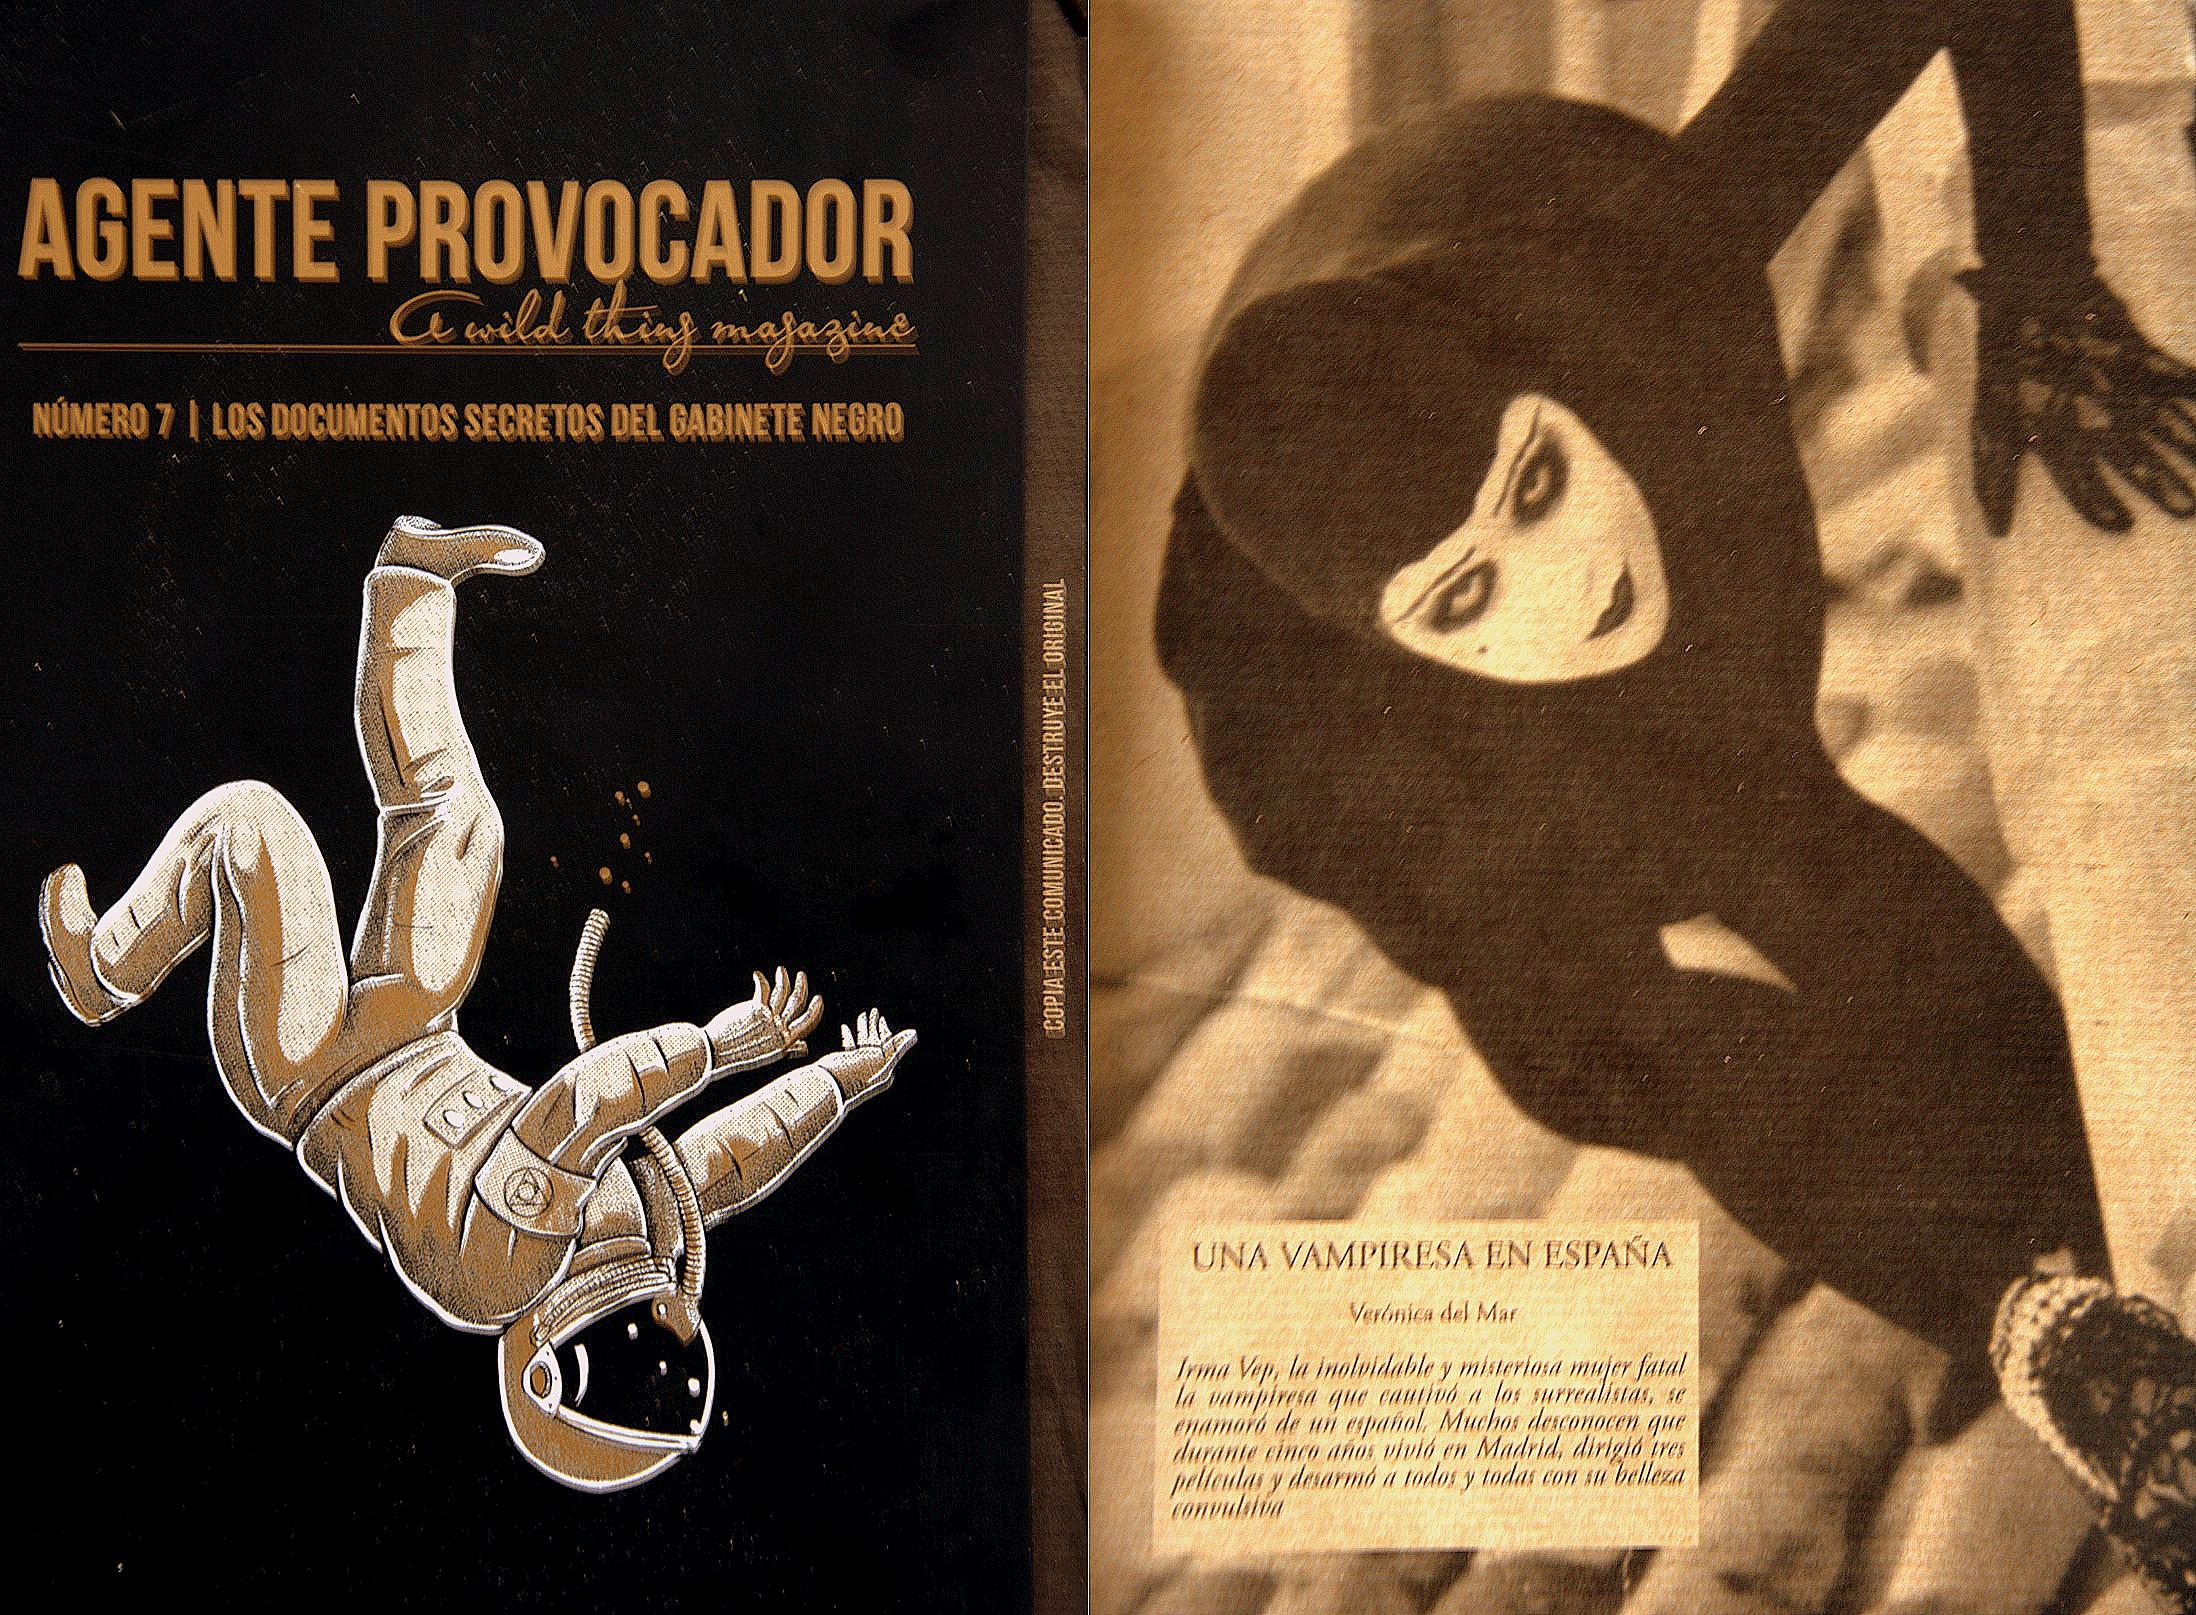 Revue Agente Provocador (España)